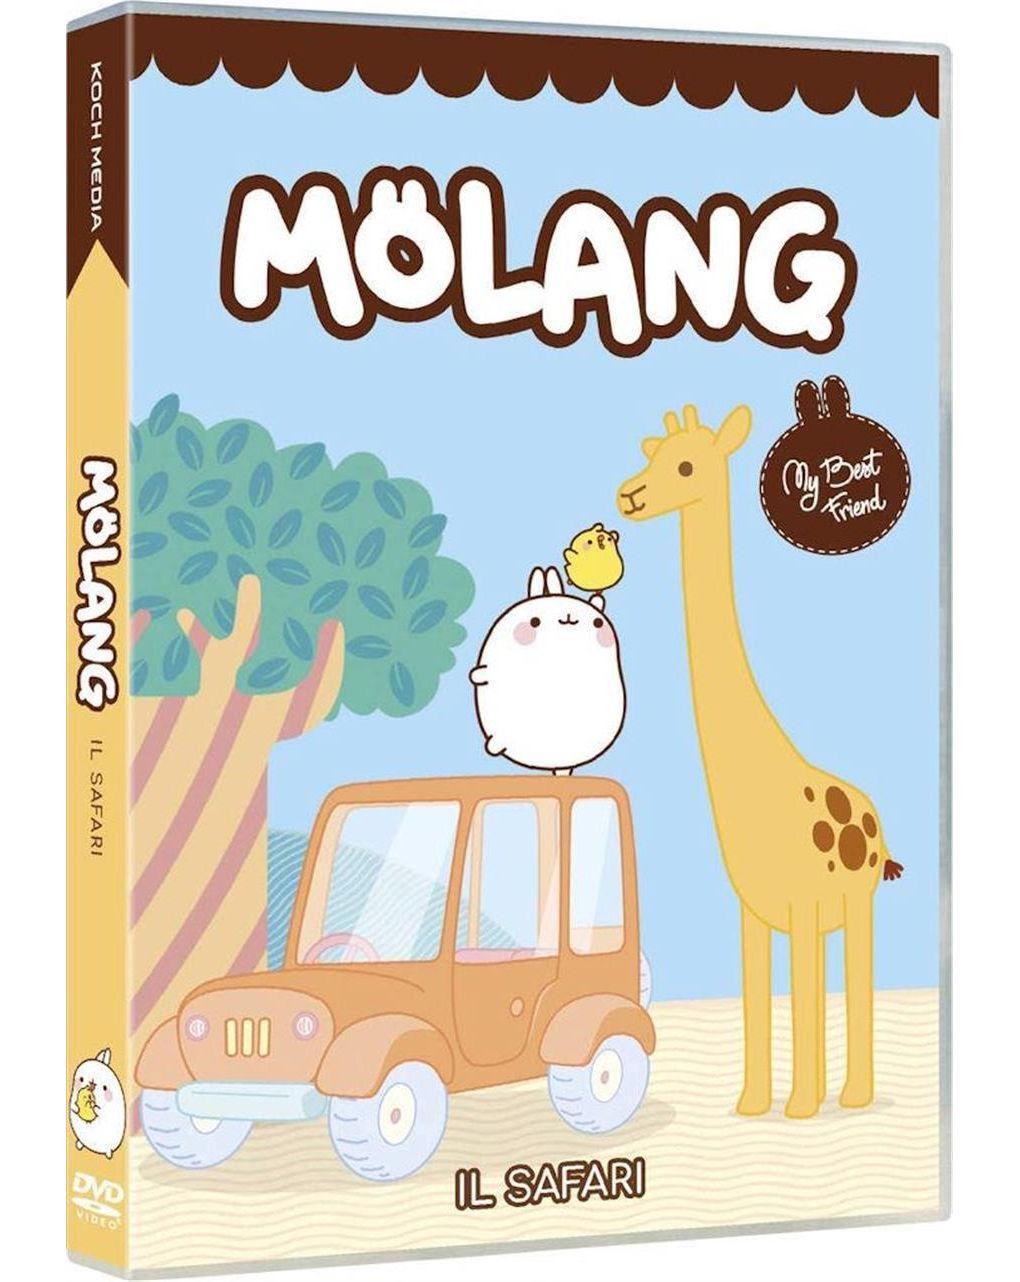 Dvd molang - o safari e outras histórias - Video Delta